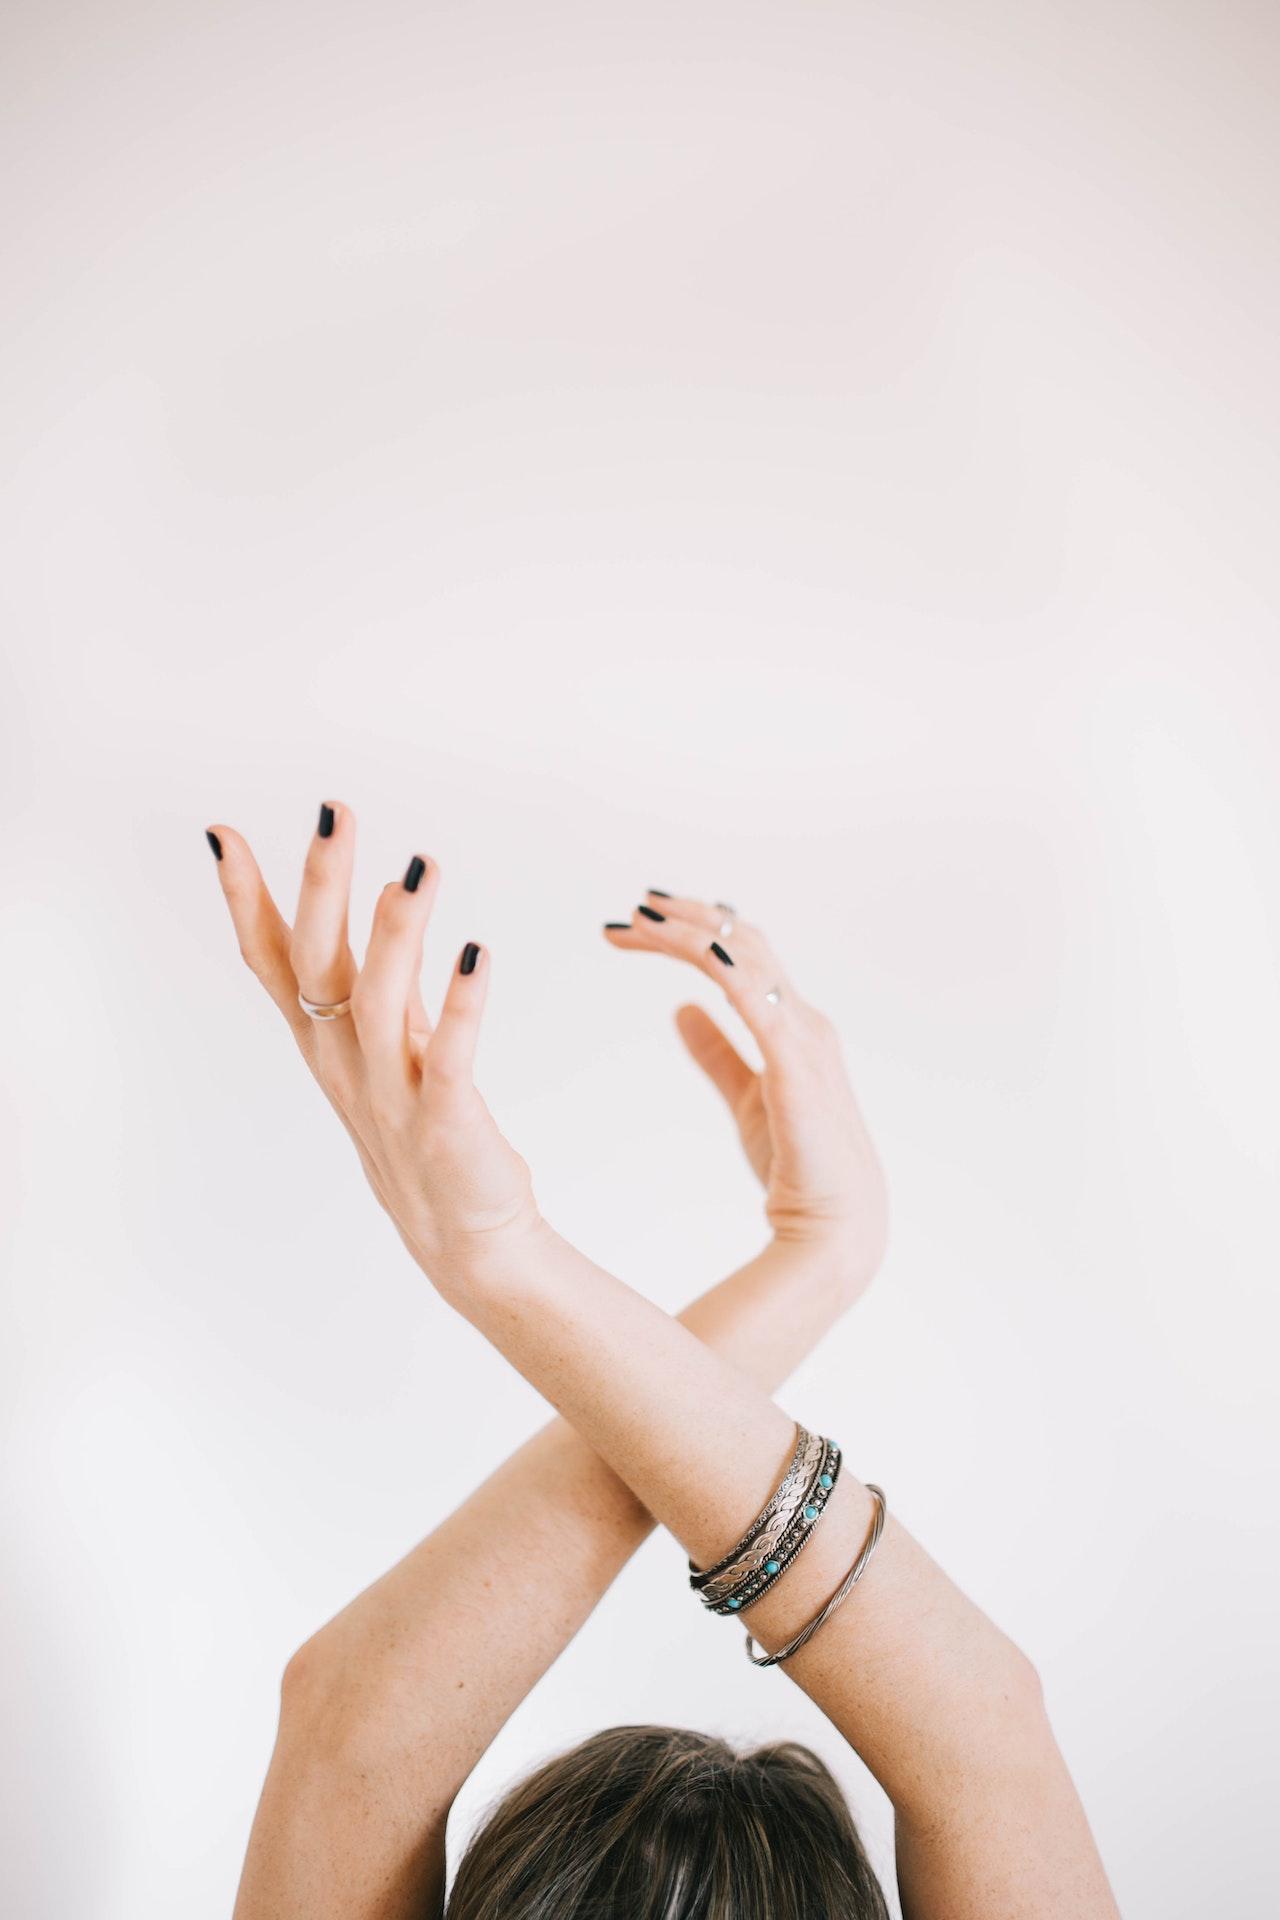 ruce nad hlavou s náramky a prsteny